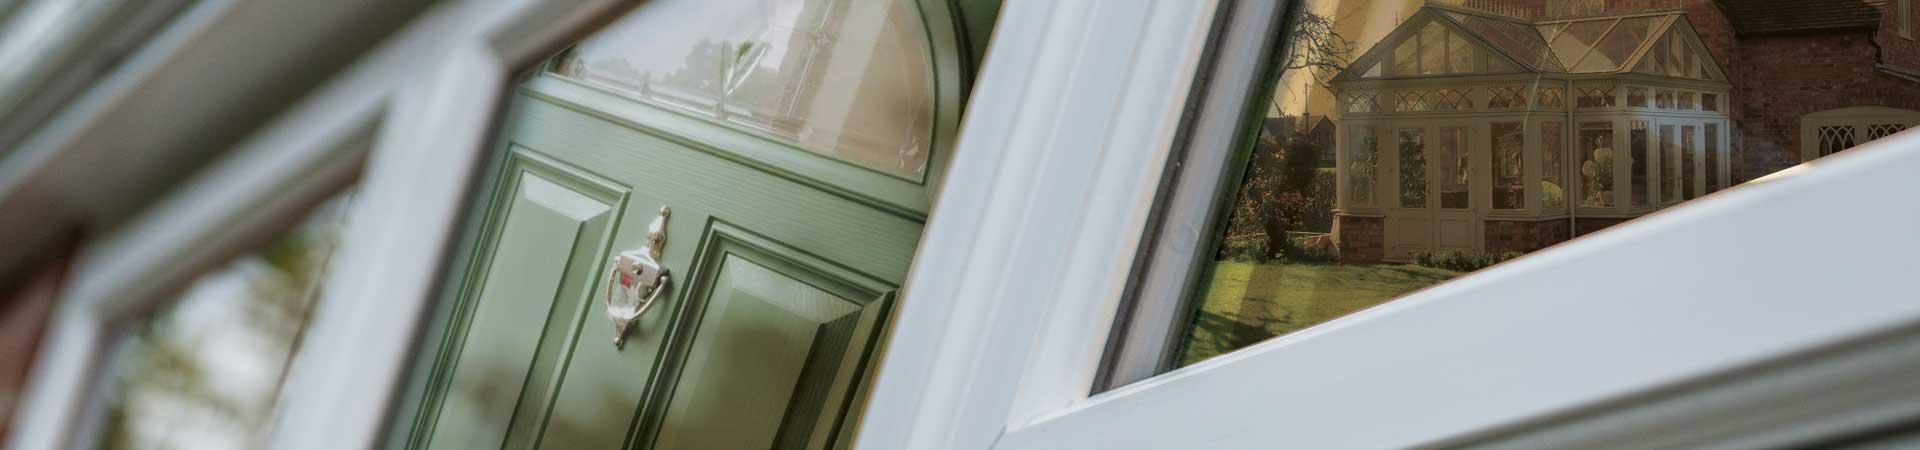 arty window door conservatory image